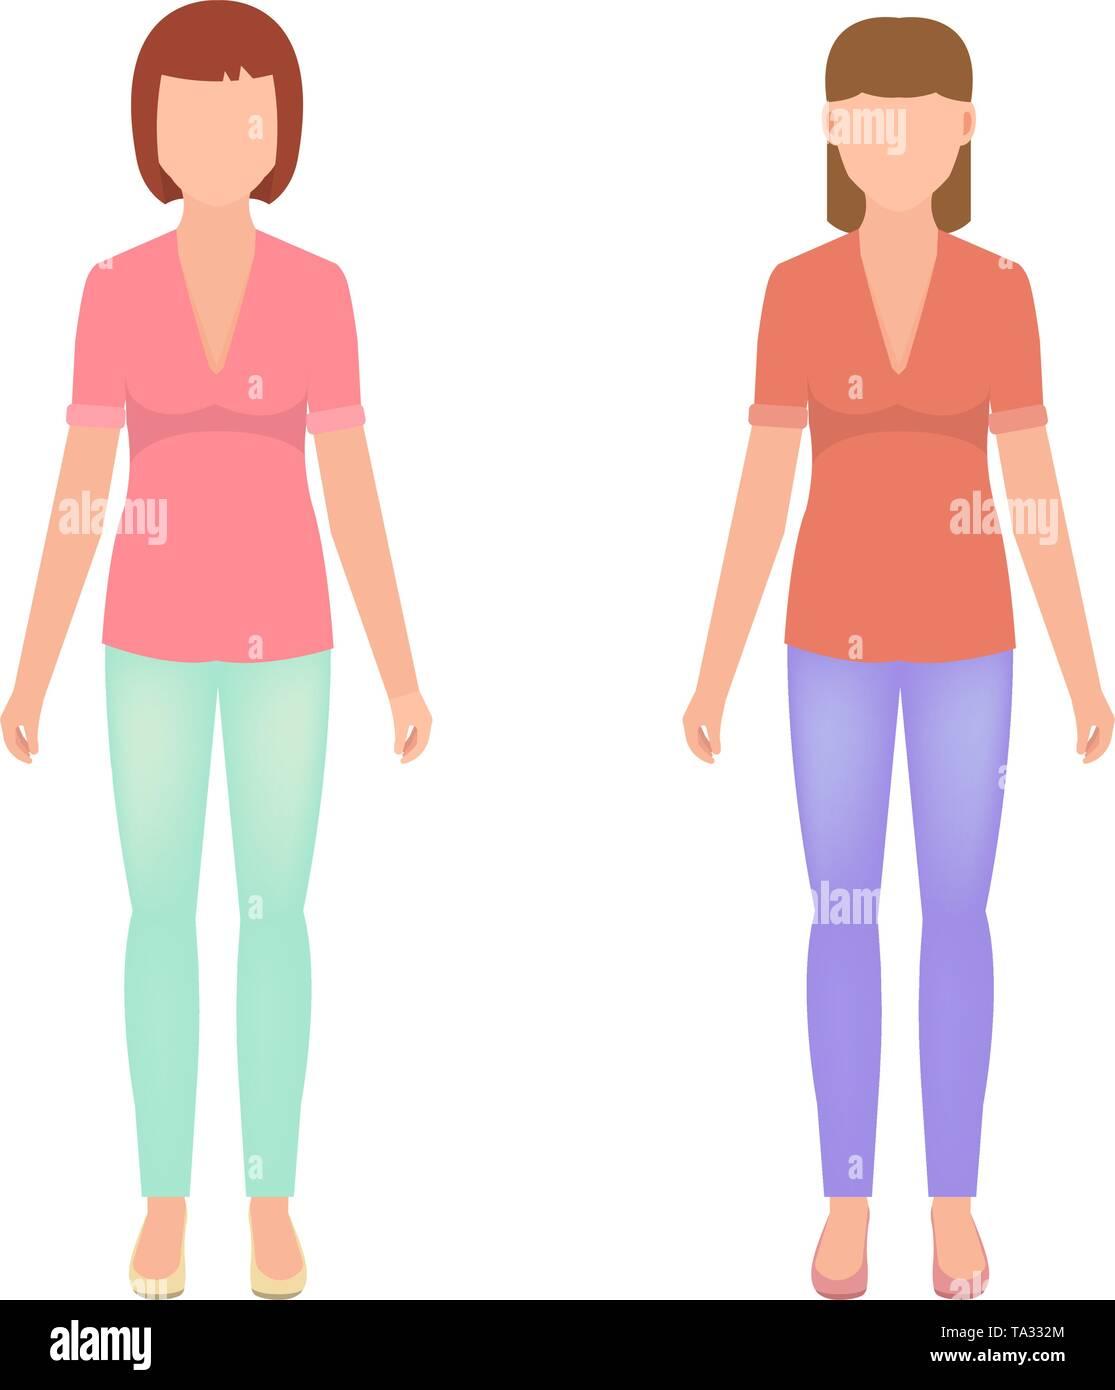 Zwei Mädchen im vollen Wachstum, weibliche Avatare im flachen Stil, stilvolle Frauen Vector Illustration Stockbild